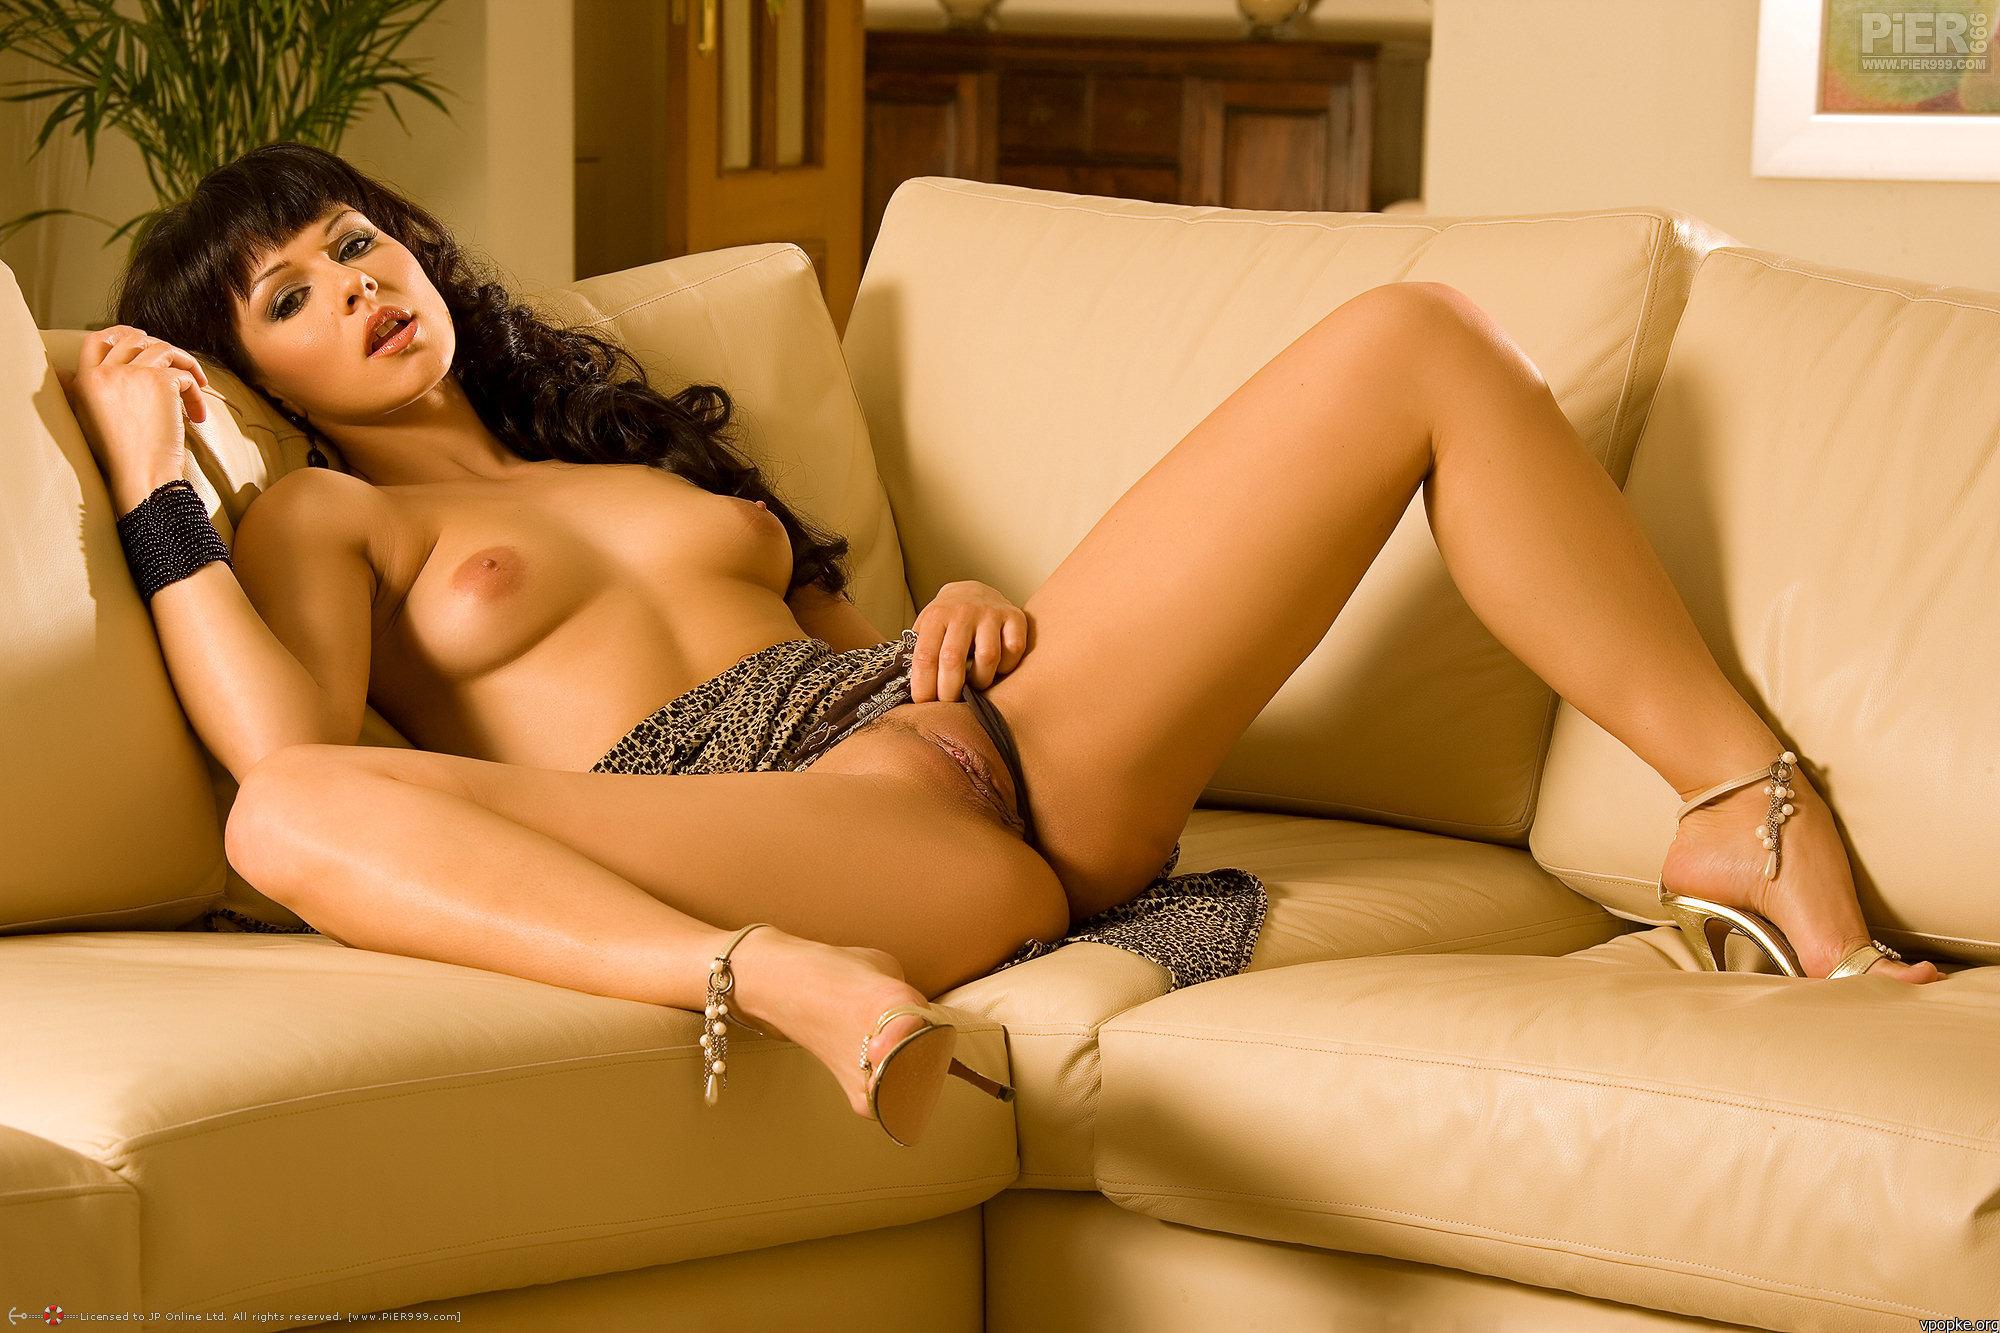 Стриженова катя эротическое фото смотреть онлайн — photo 9